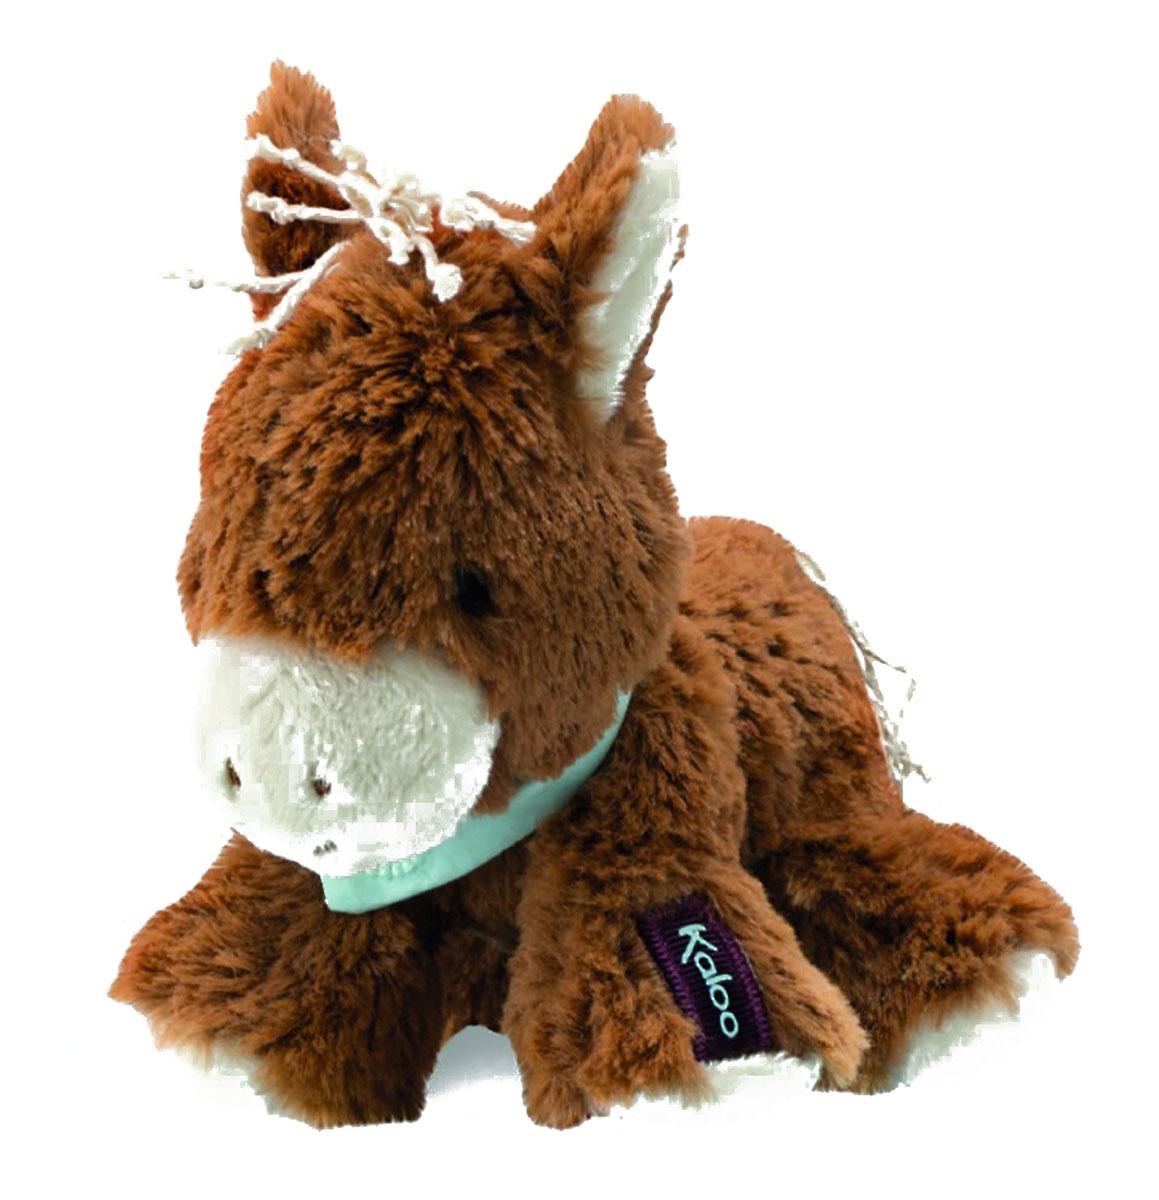 Kaloo Мягкая игрушка Лошадка 14 смK963144Очаровательная мягкая лошадка от французского производителя высококачественных игрушек для детей Kaloo на долгие годы станет одной из самых любимых игрушек вашего малыша. Лошадка выполнена в коричневом цвете. На шее у лошадки повязан бирюзовый платочек. Игрушка выполнена из качественных, безопасных для здоровья детей материалов, которые не вызывают аллергии, приятны на ощупь и доставляют большое удовольствие во время игр. Игрушку приятно держать в руках, прижимать к себе и придумывать разнообразные игры. Игры с мягкими игрушками развивают тактильную чувствительность и сенсорное восприятие.